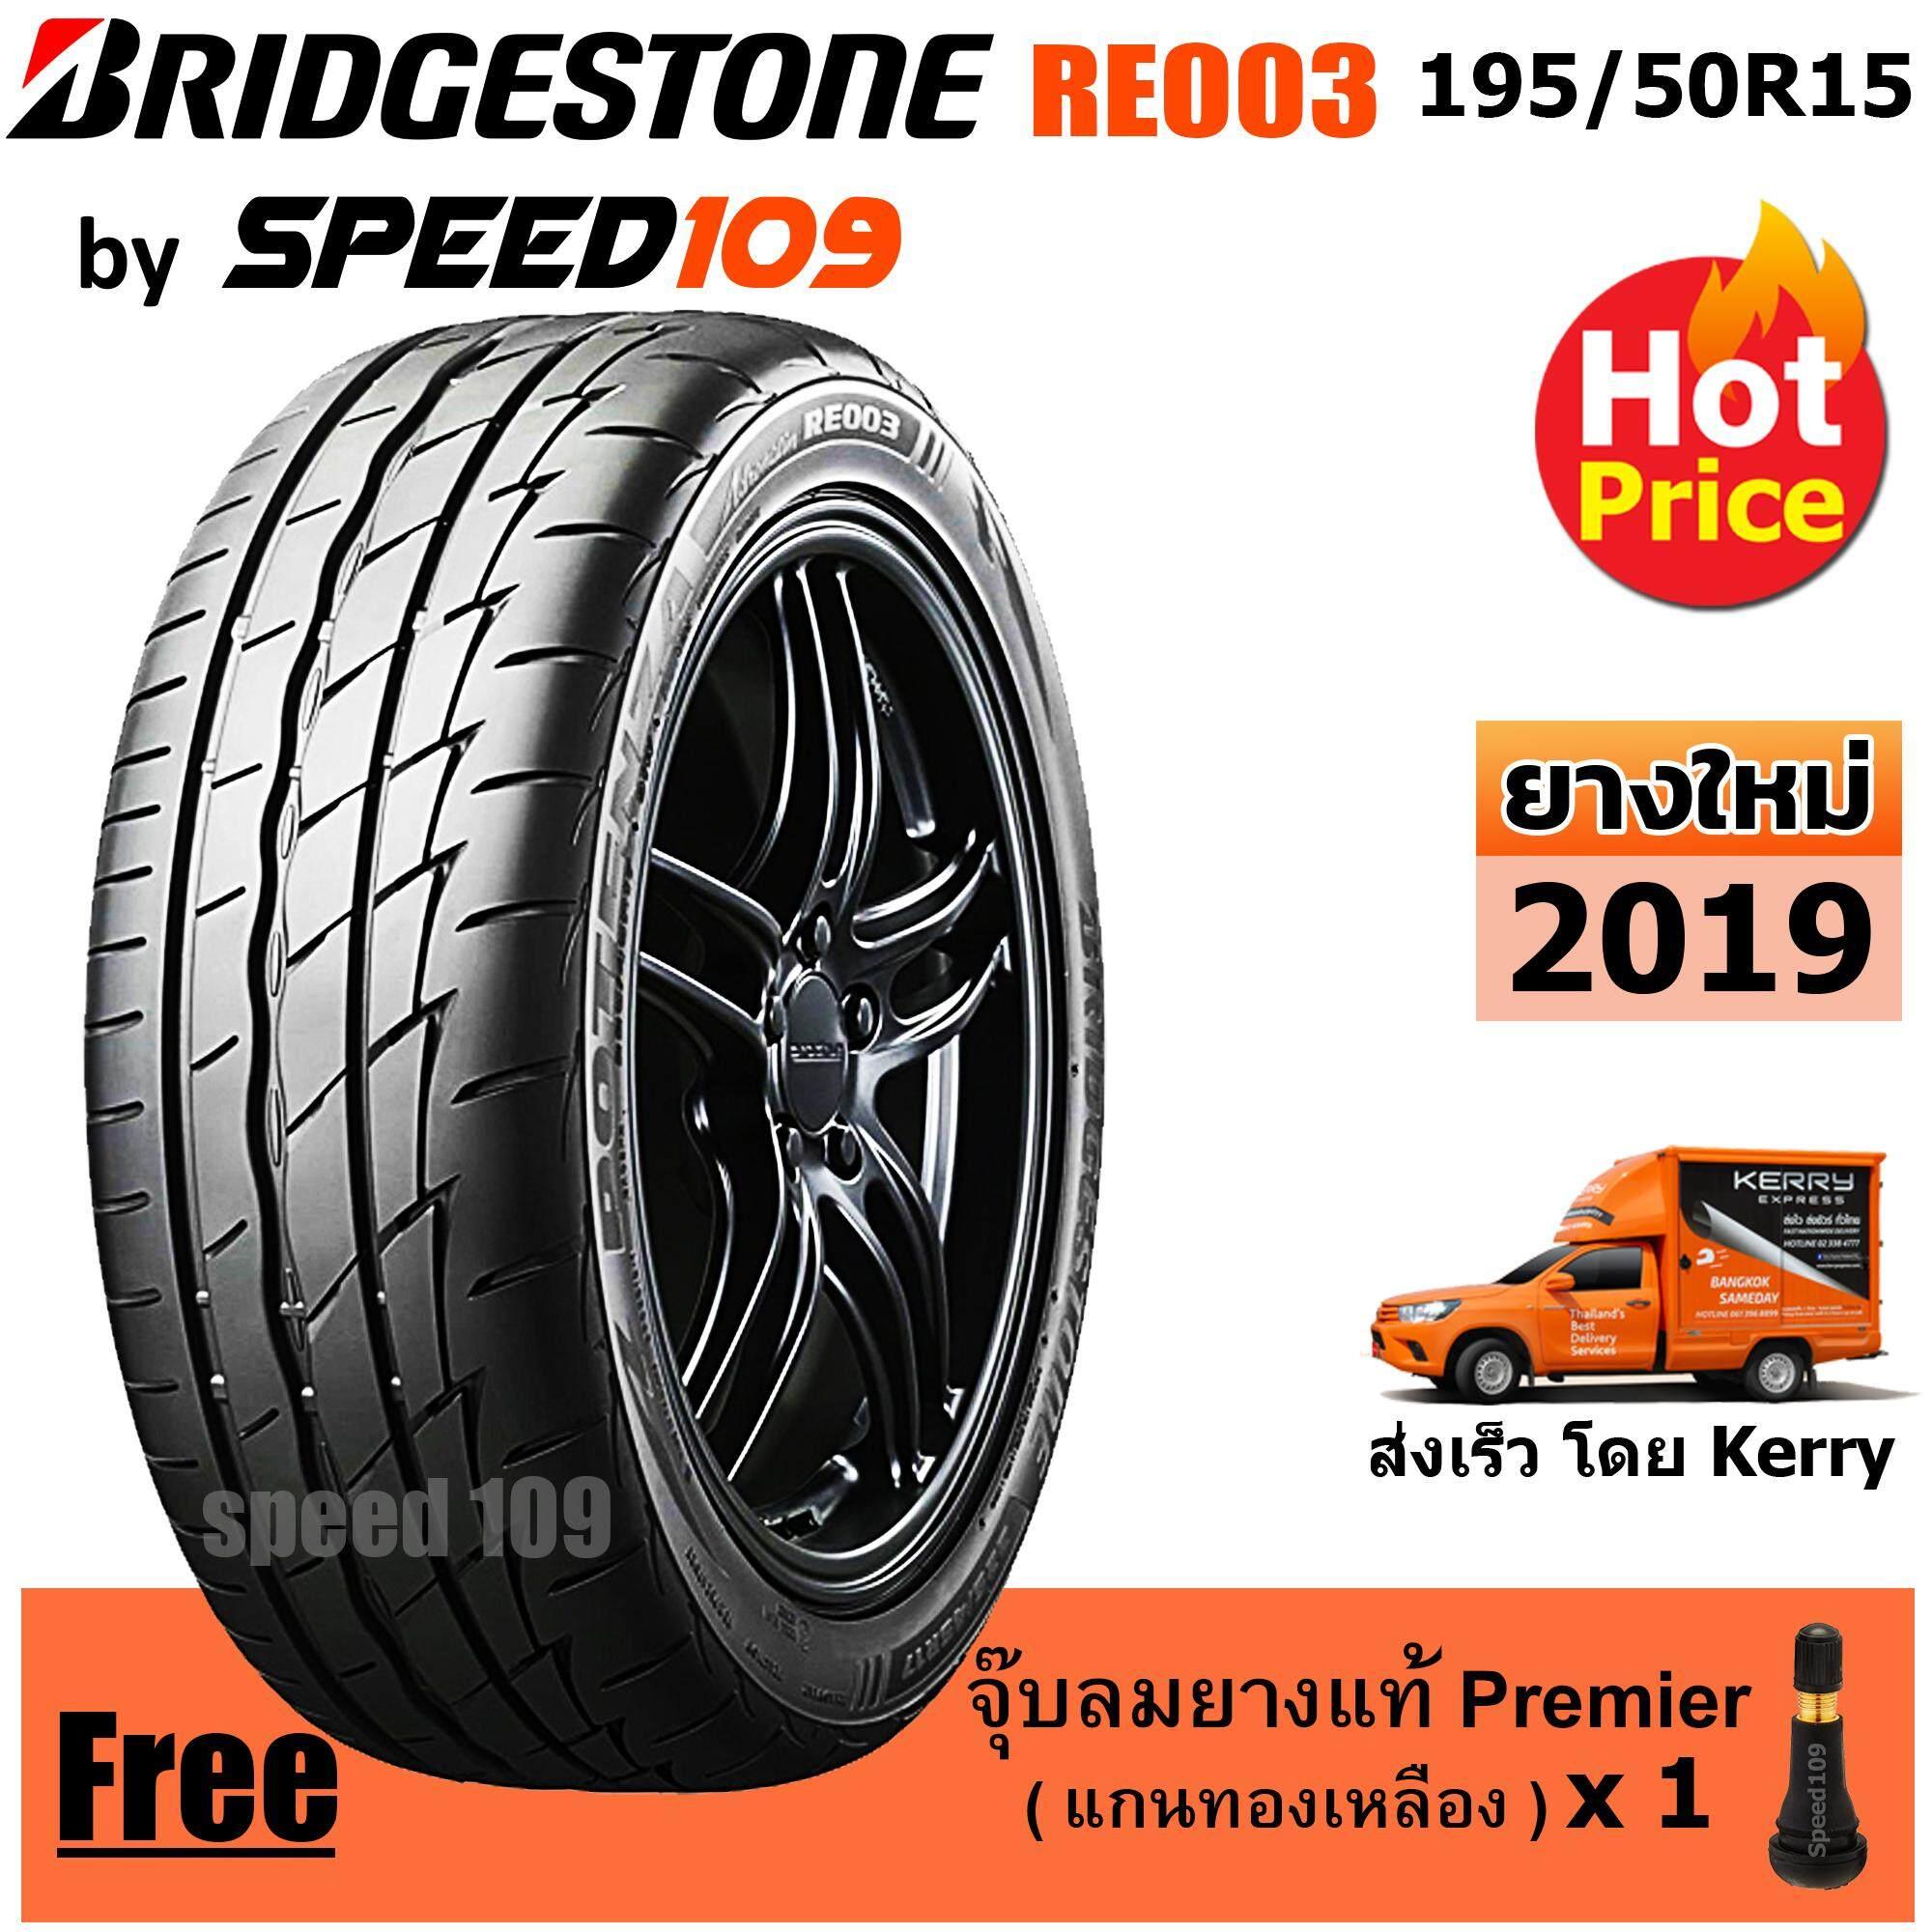 ประกันภัย รถยนต์ 3 พลัส ราคา ถูก อุตรดิตถ์ BRIDGESTONE ยางรถยนต์ ขอบ 15 ขนาด 195/50R15 รุ่น Potenza Adrenalin RE003 - 1 เส้น (ปี 2019)